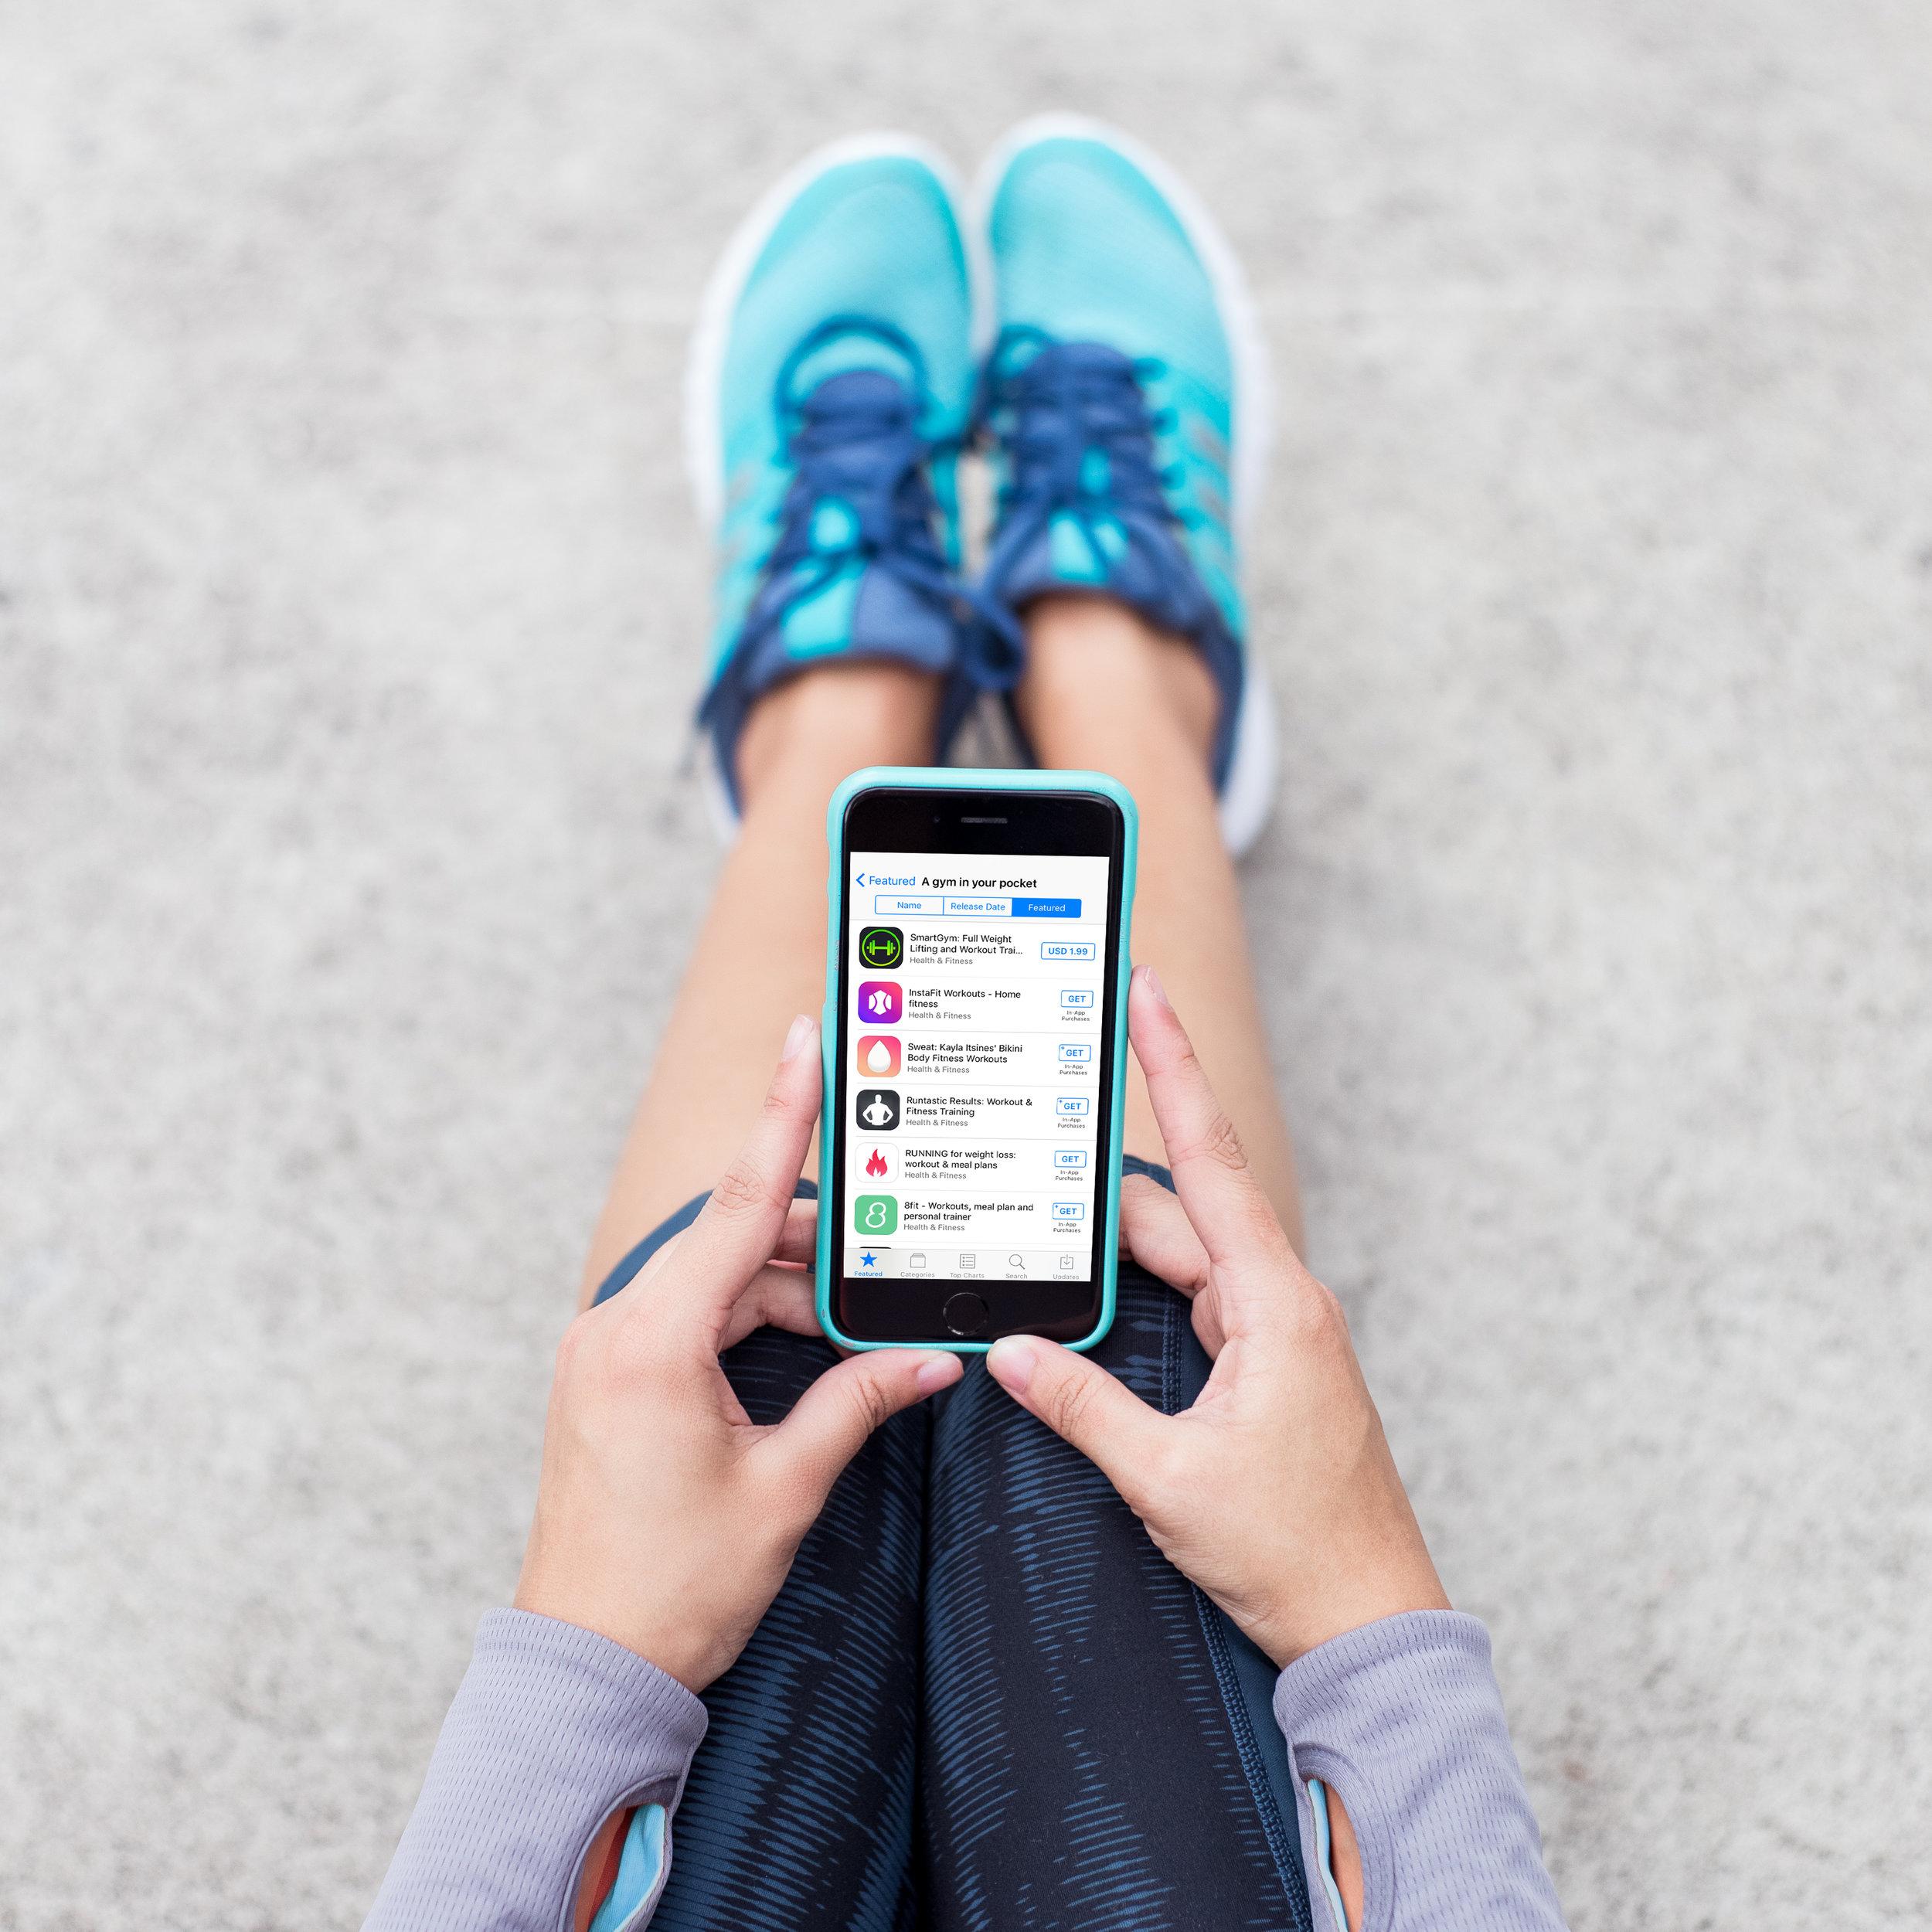 ¿Qué app nos recomiendas para hacer ejercicio?.jpg